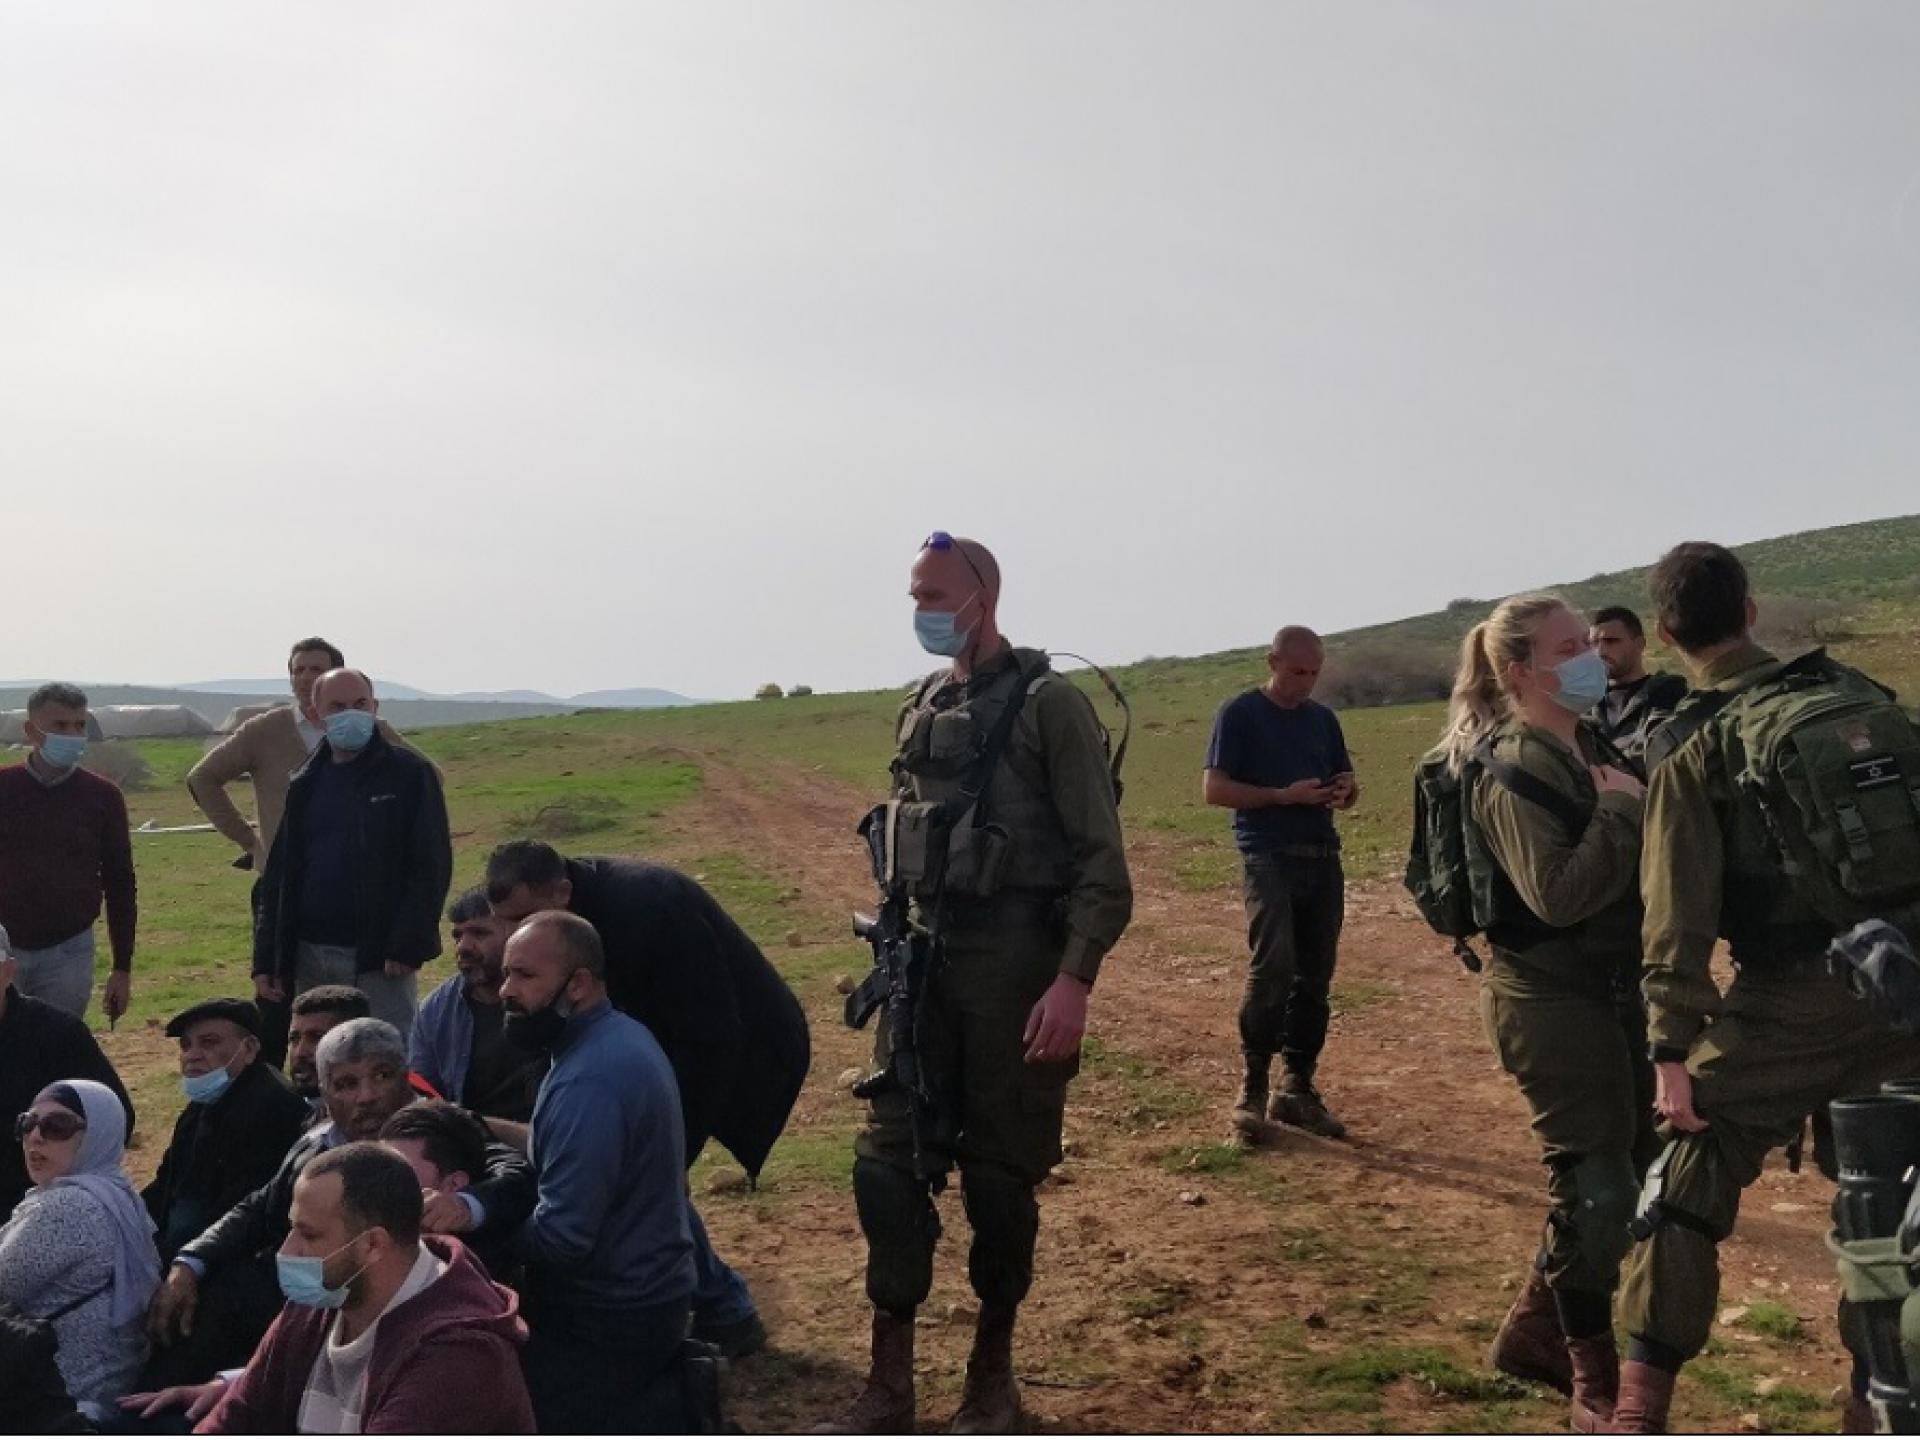 פלסטינים יושבים על האדמה והצבא מנסה לסלק אותם